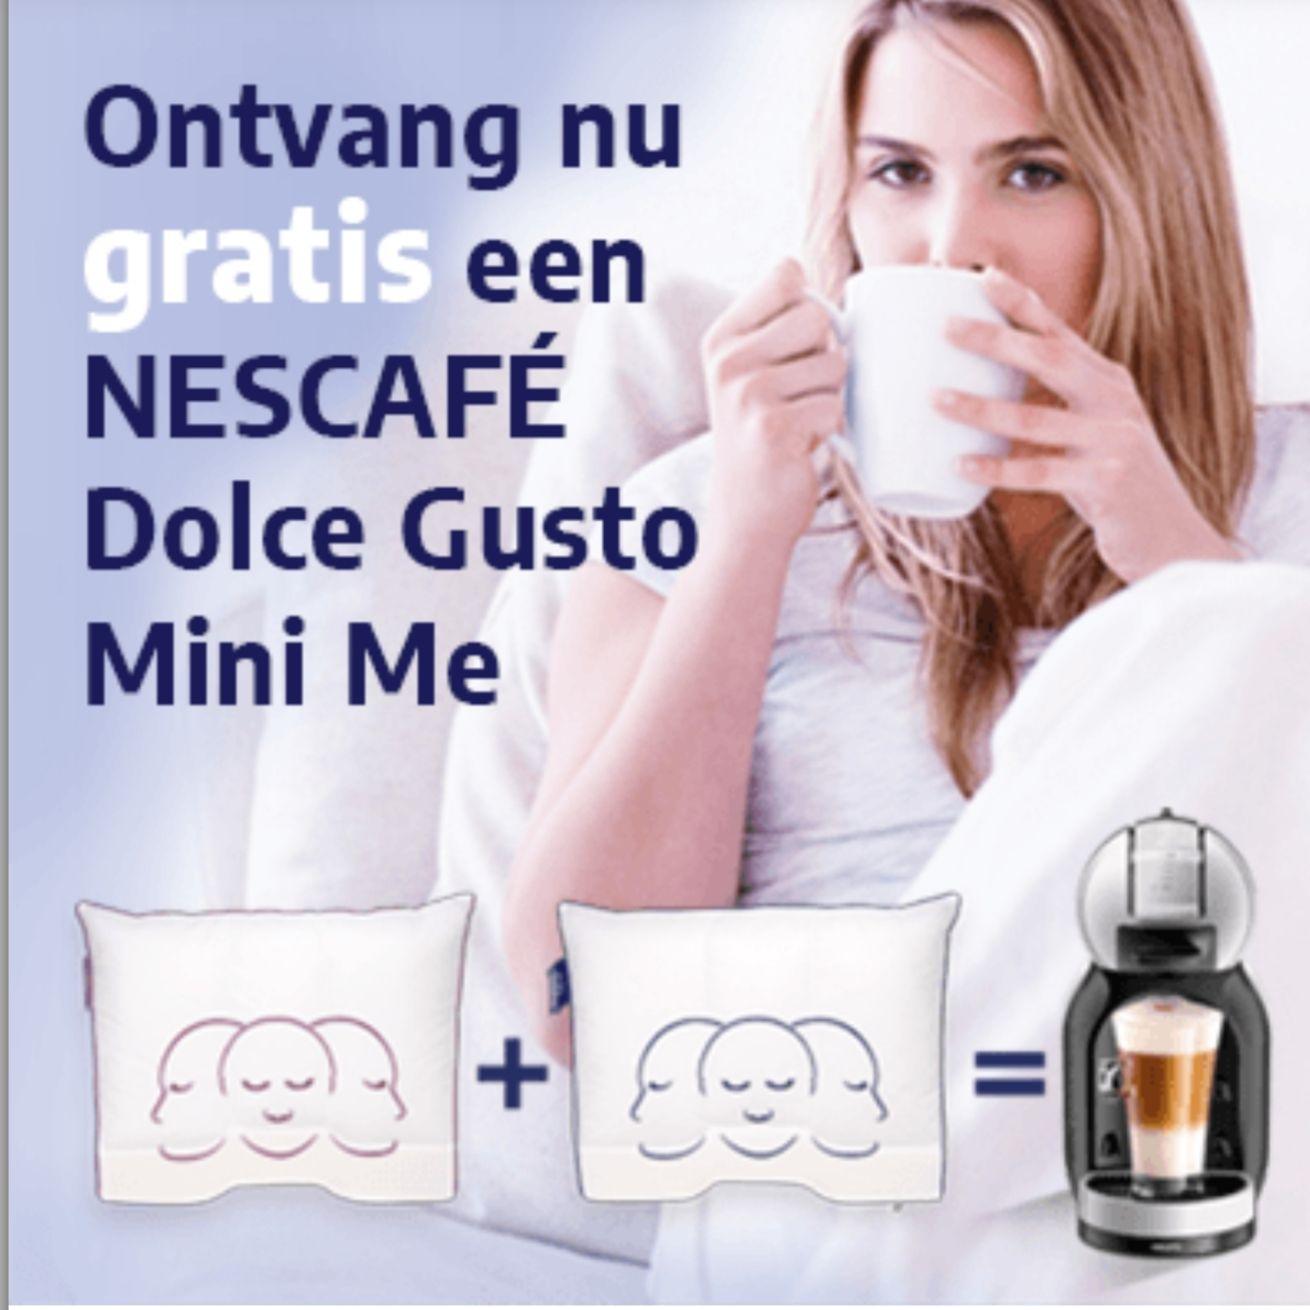 Gratis Nescafé Dolce Gusto Mini me bij aankoop van 2 kussens @ Silvana